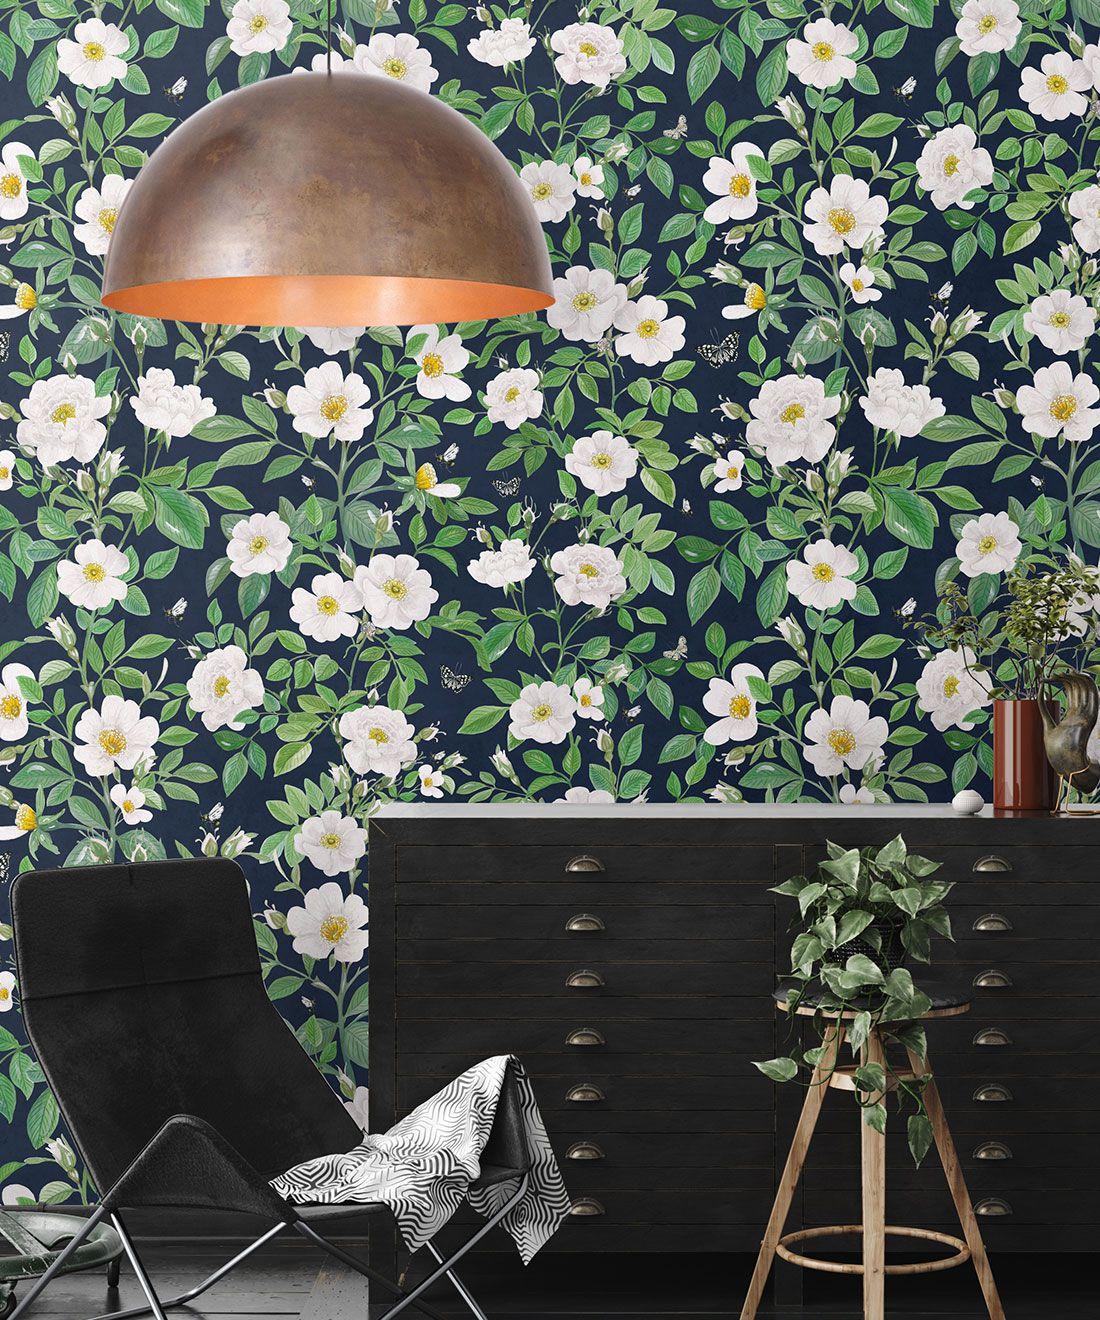 Rosa Wallpaper • Floral Wallpaper • Navy • Insitu